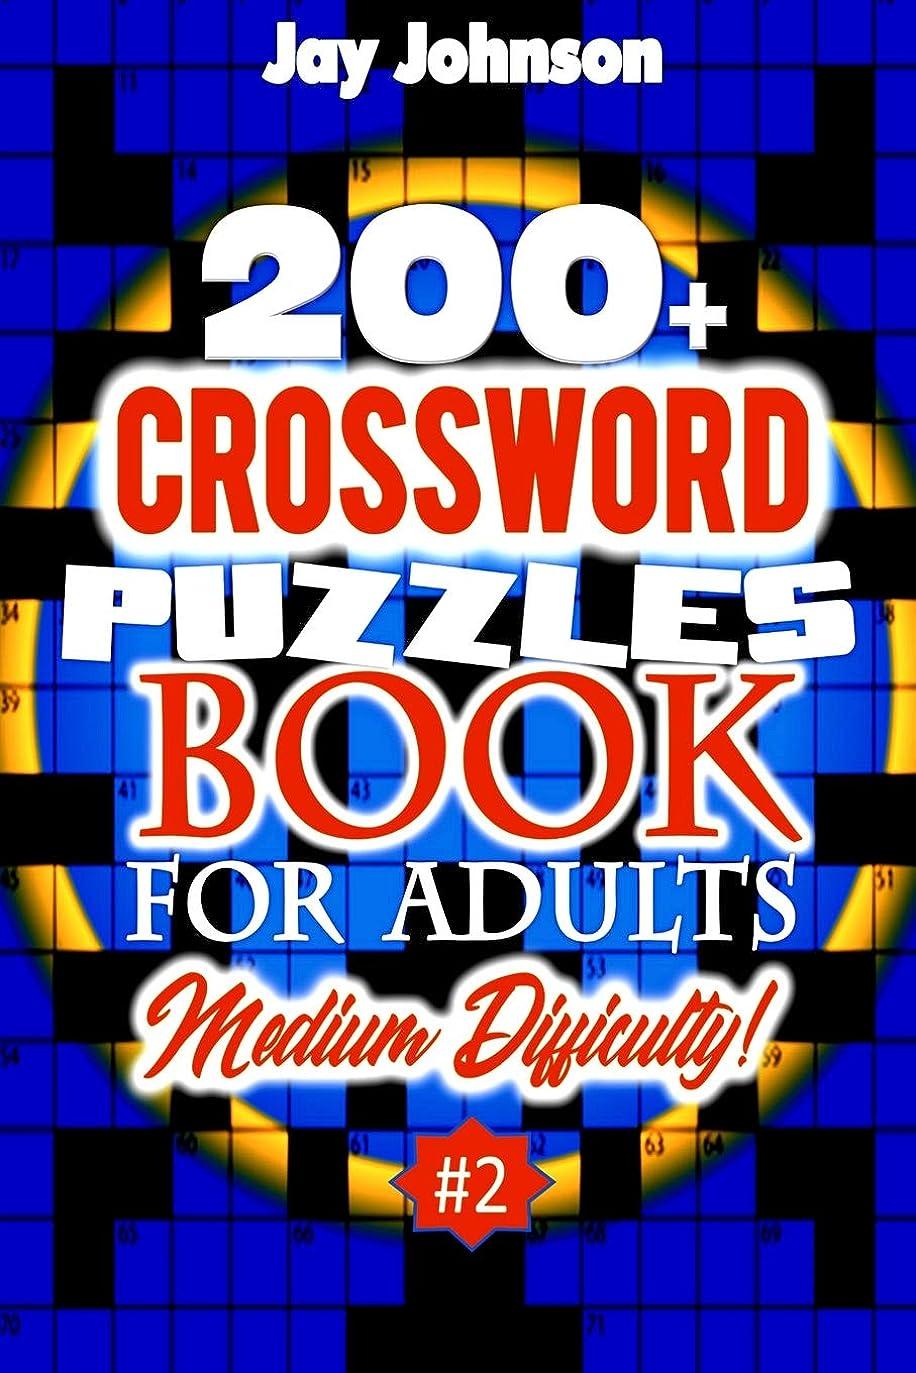 比較的入力太字200+ CROSSWORD PUZZLES BOOK  For Adults  Medium Difficulty!: A Unique Puzzlers' Book With Today's Contemporary Words As Crossword Puzzle Book For Adult's With Easy To Medium Difficulty Level Crossword For Adults Total Brain Workout Vol. 2.0! (Medium Difficulty Brain Games for Adults)